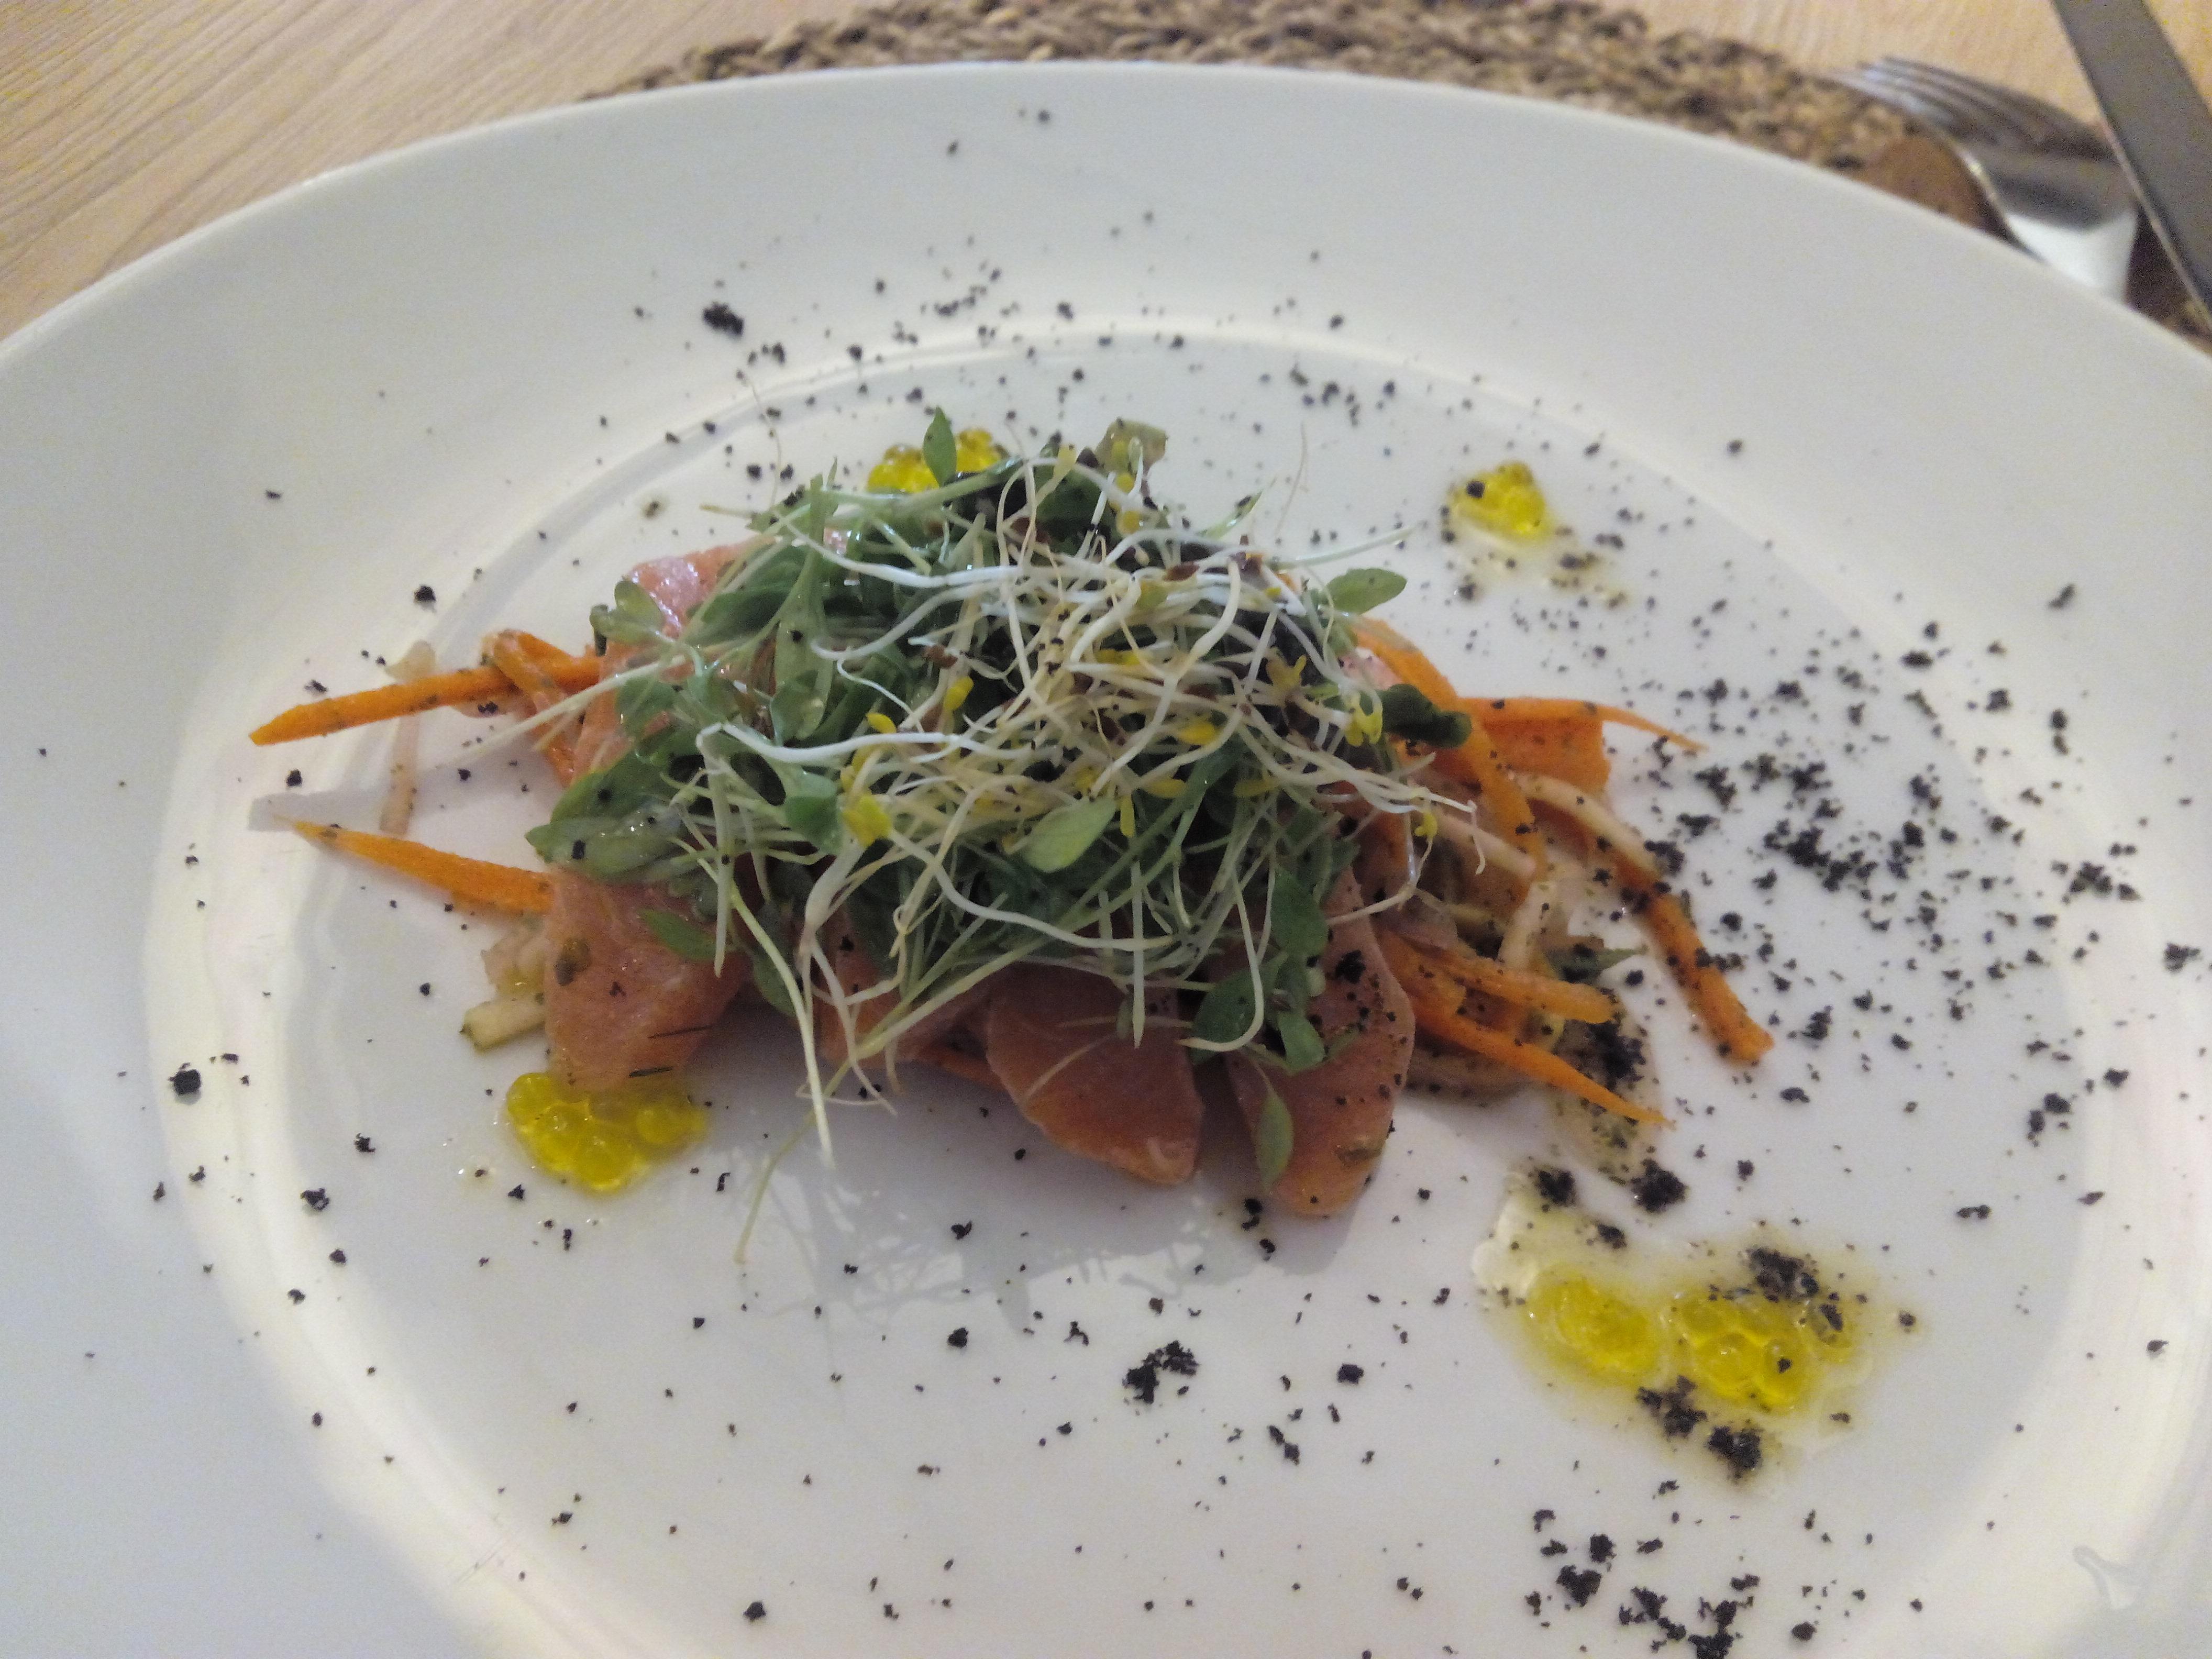 Cal Blay Ensalada de salmón marinado en casa con verduras y vinagreta de cítricos